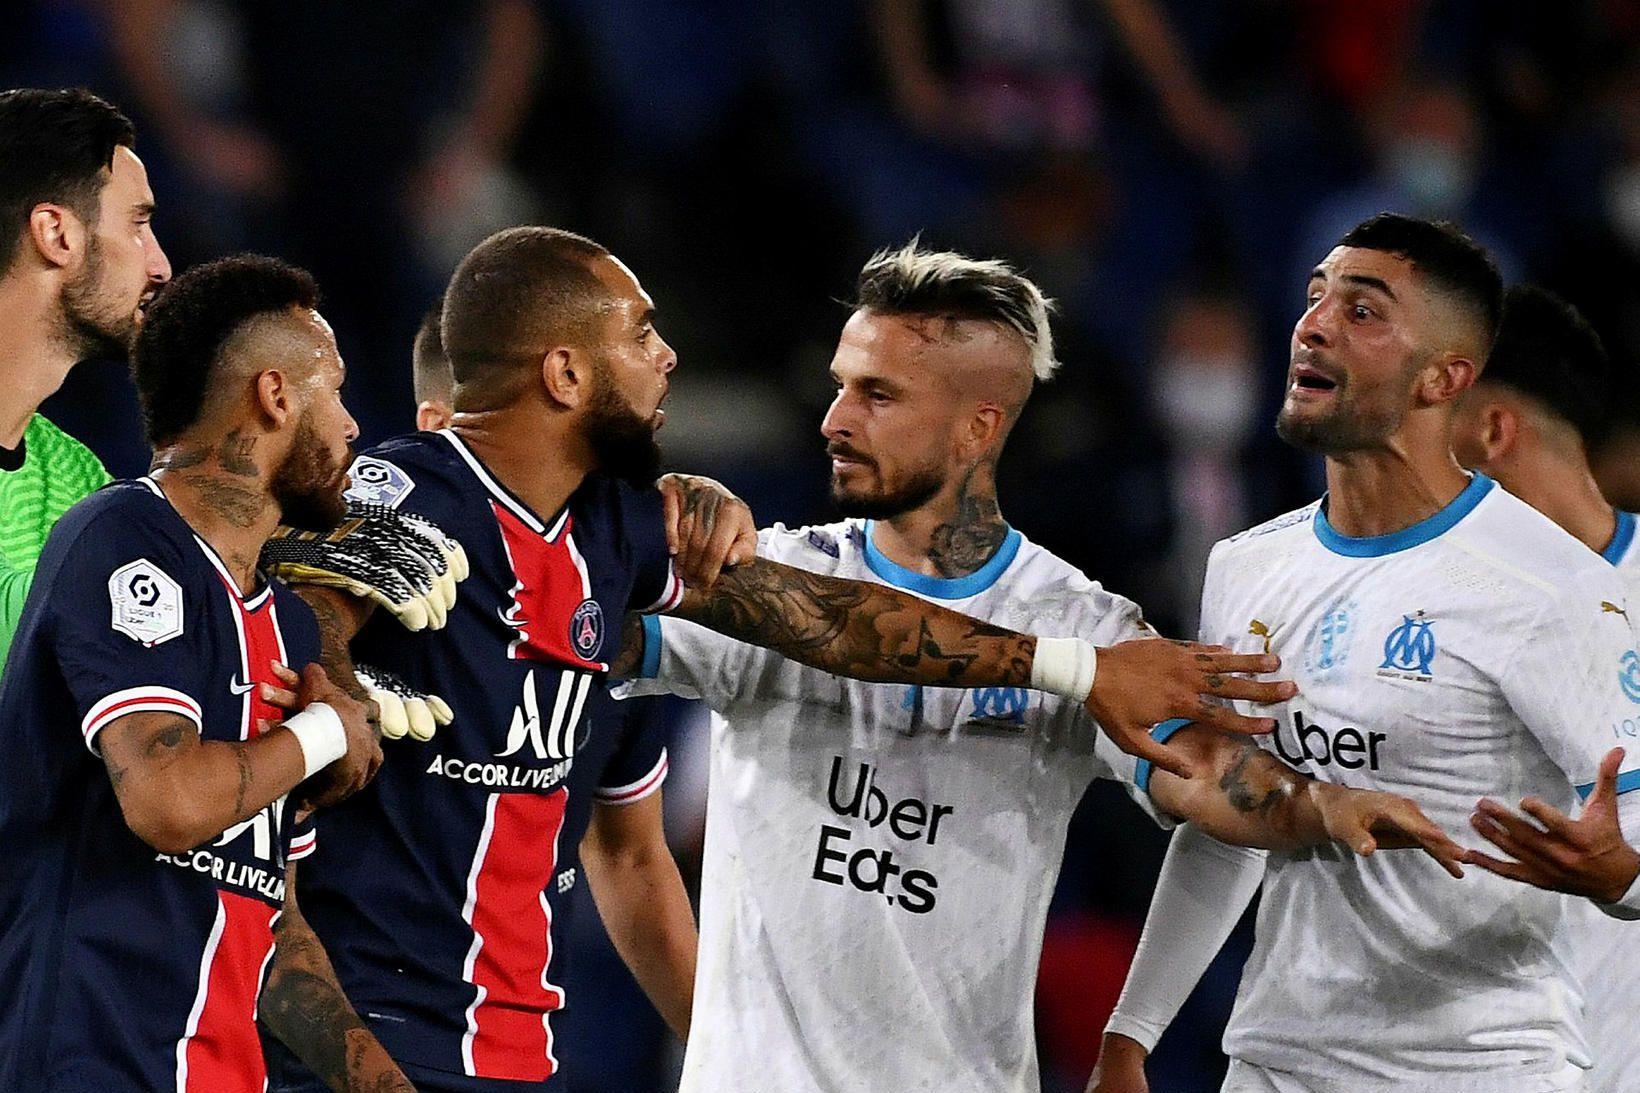 Það sauð allt upp úr í leik PSG og Marseille.